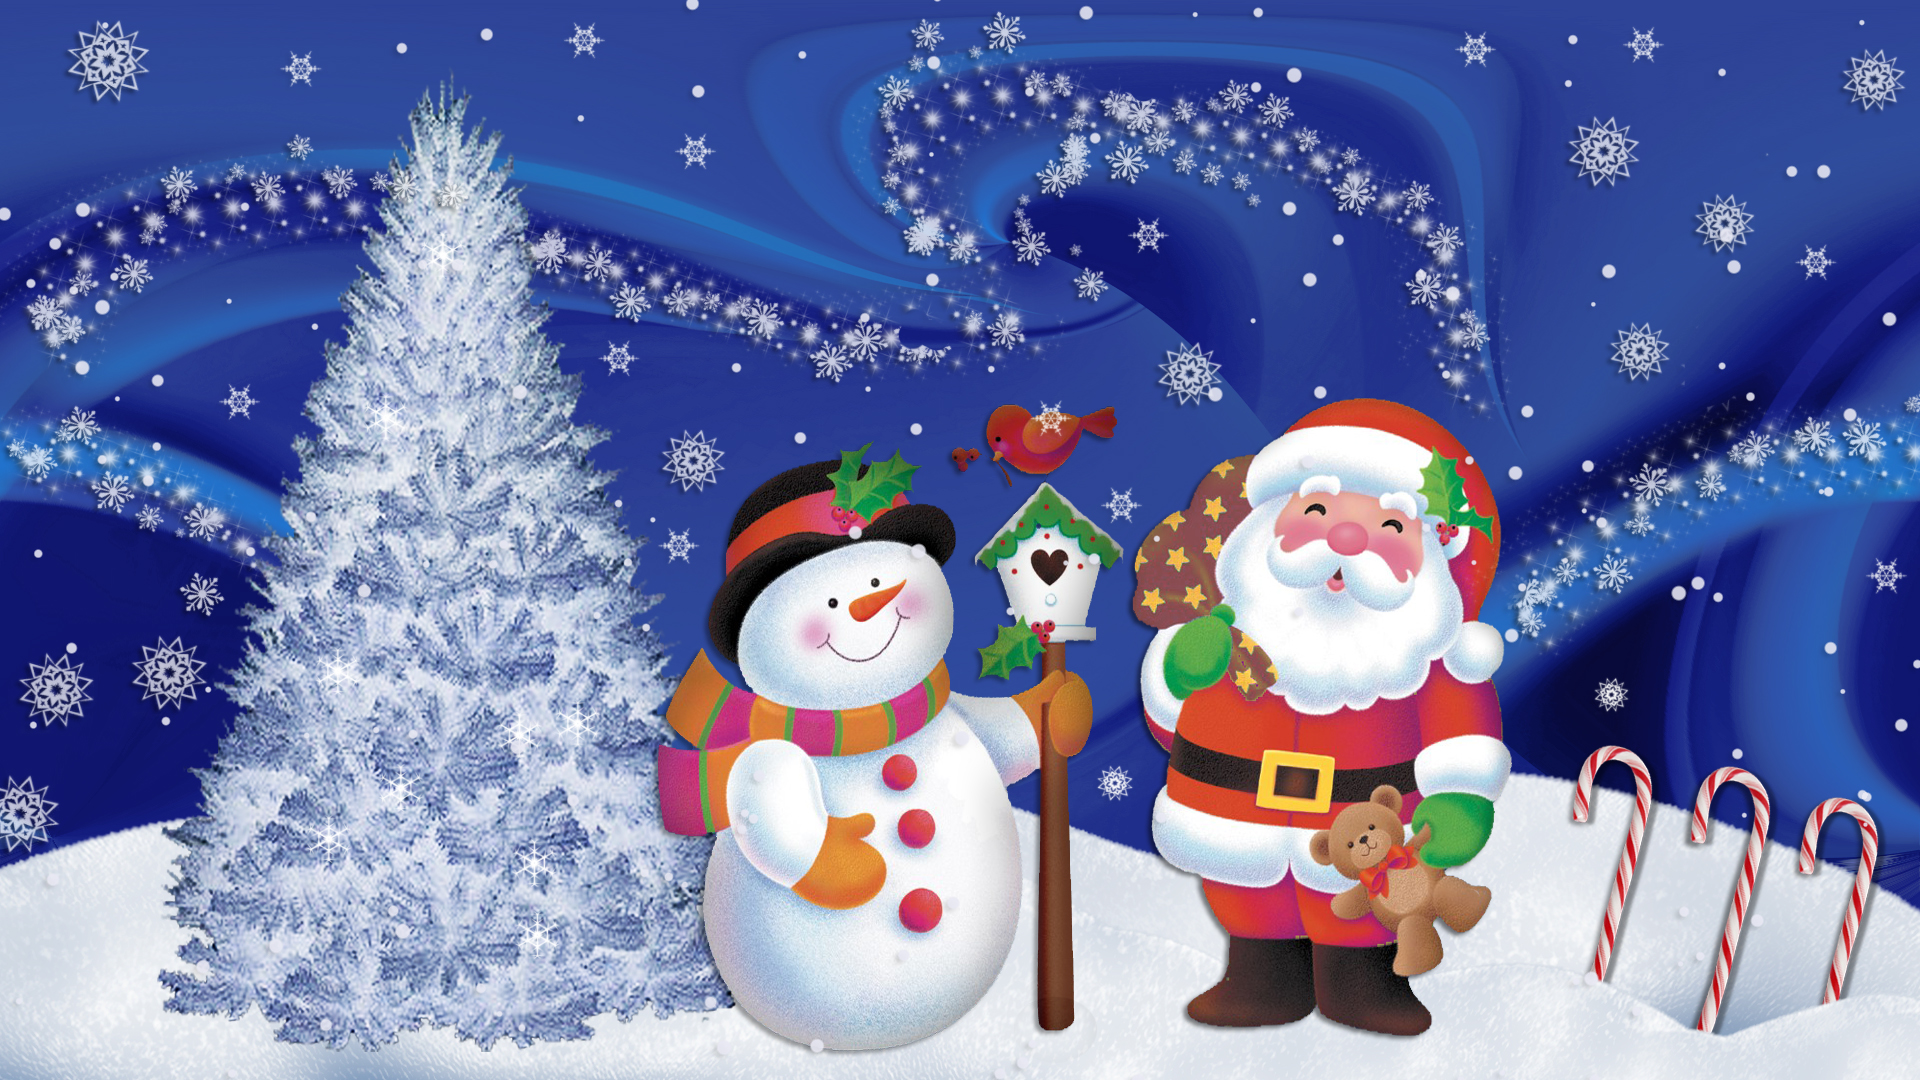 78] Christmas Wallpaper For Computer on WallpaperSafari 1920x1080